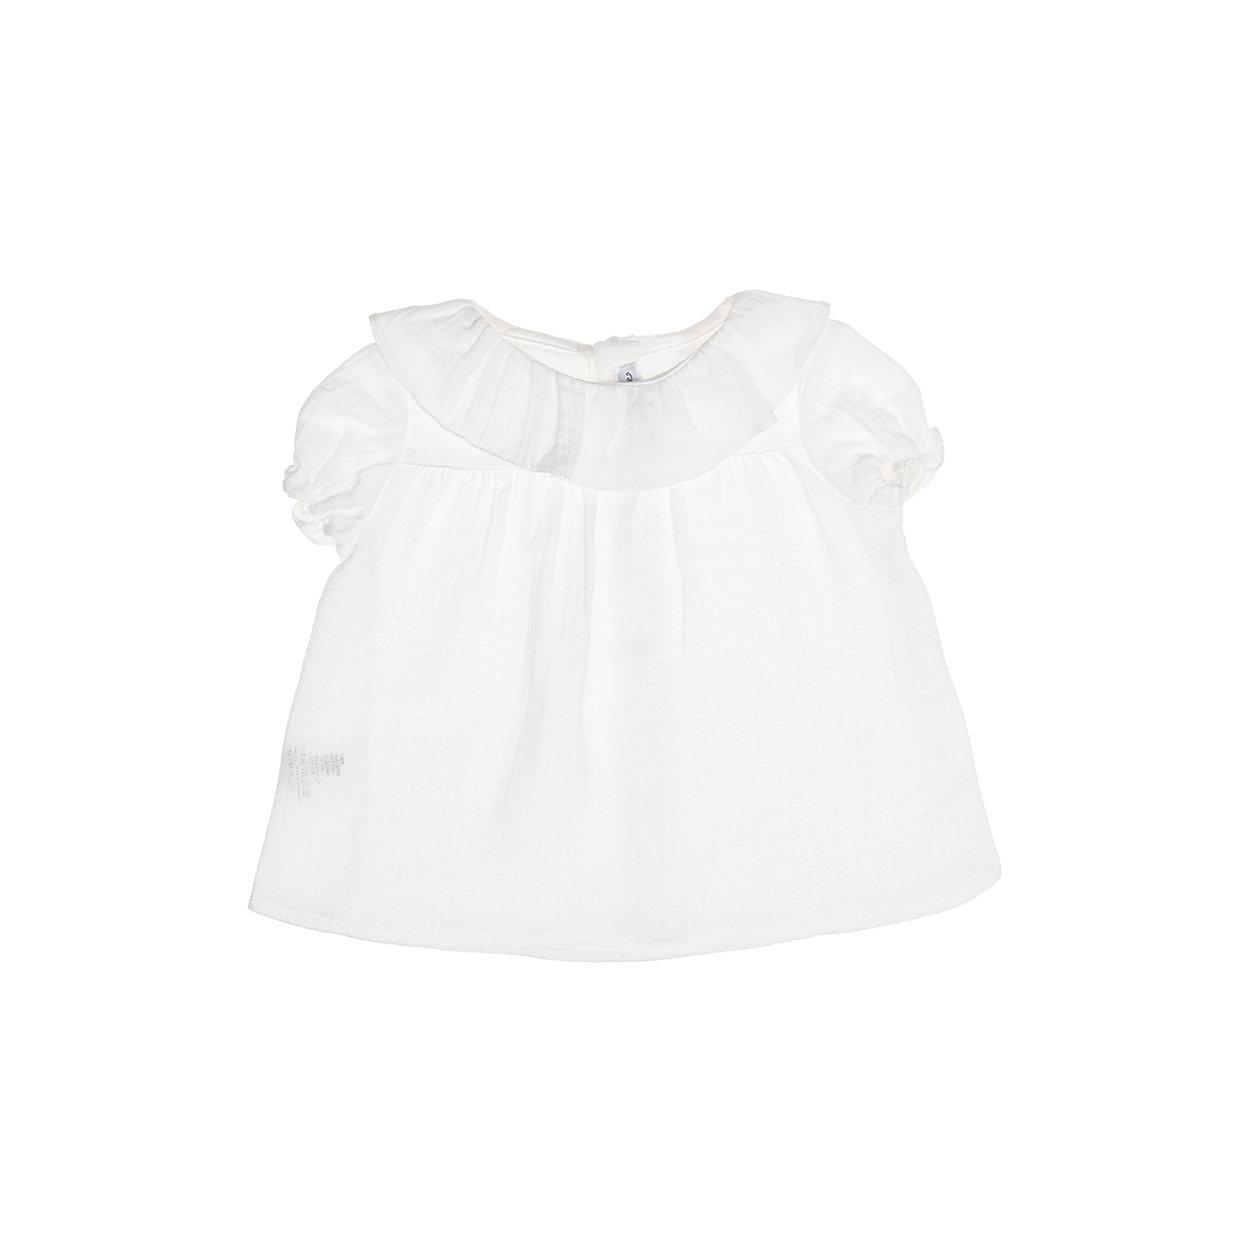 Image of Blusa in cotone bianca con colletto